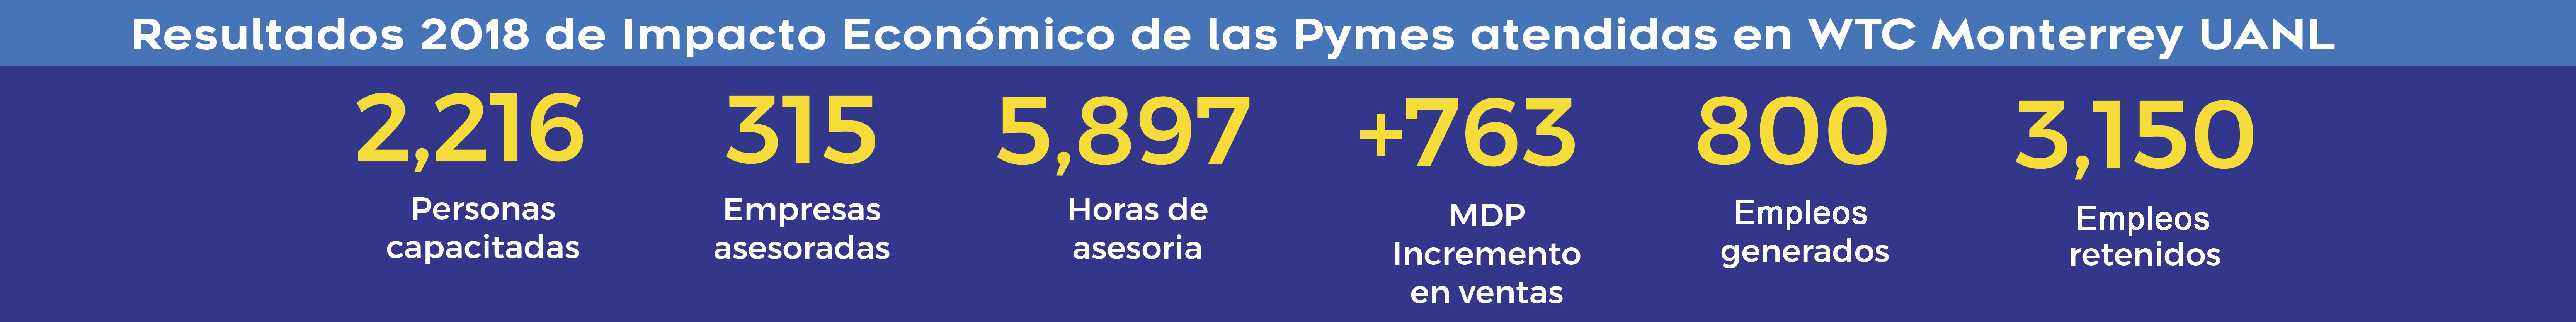 Resultados de Impacto Económico de las PYMES asesoradas.